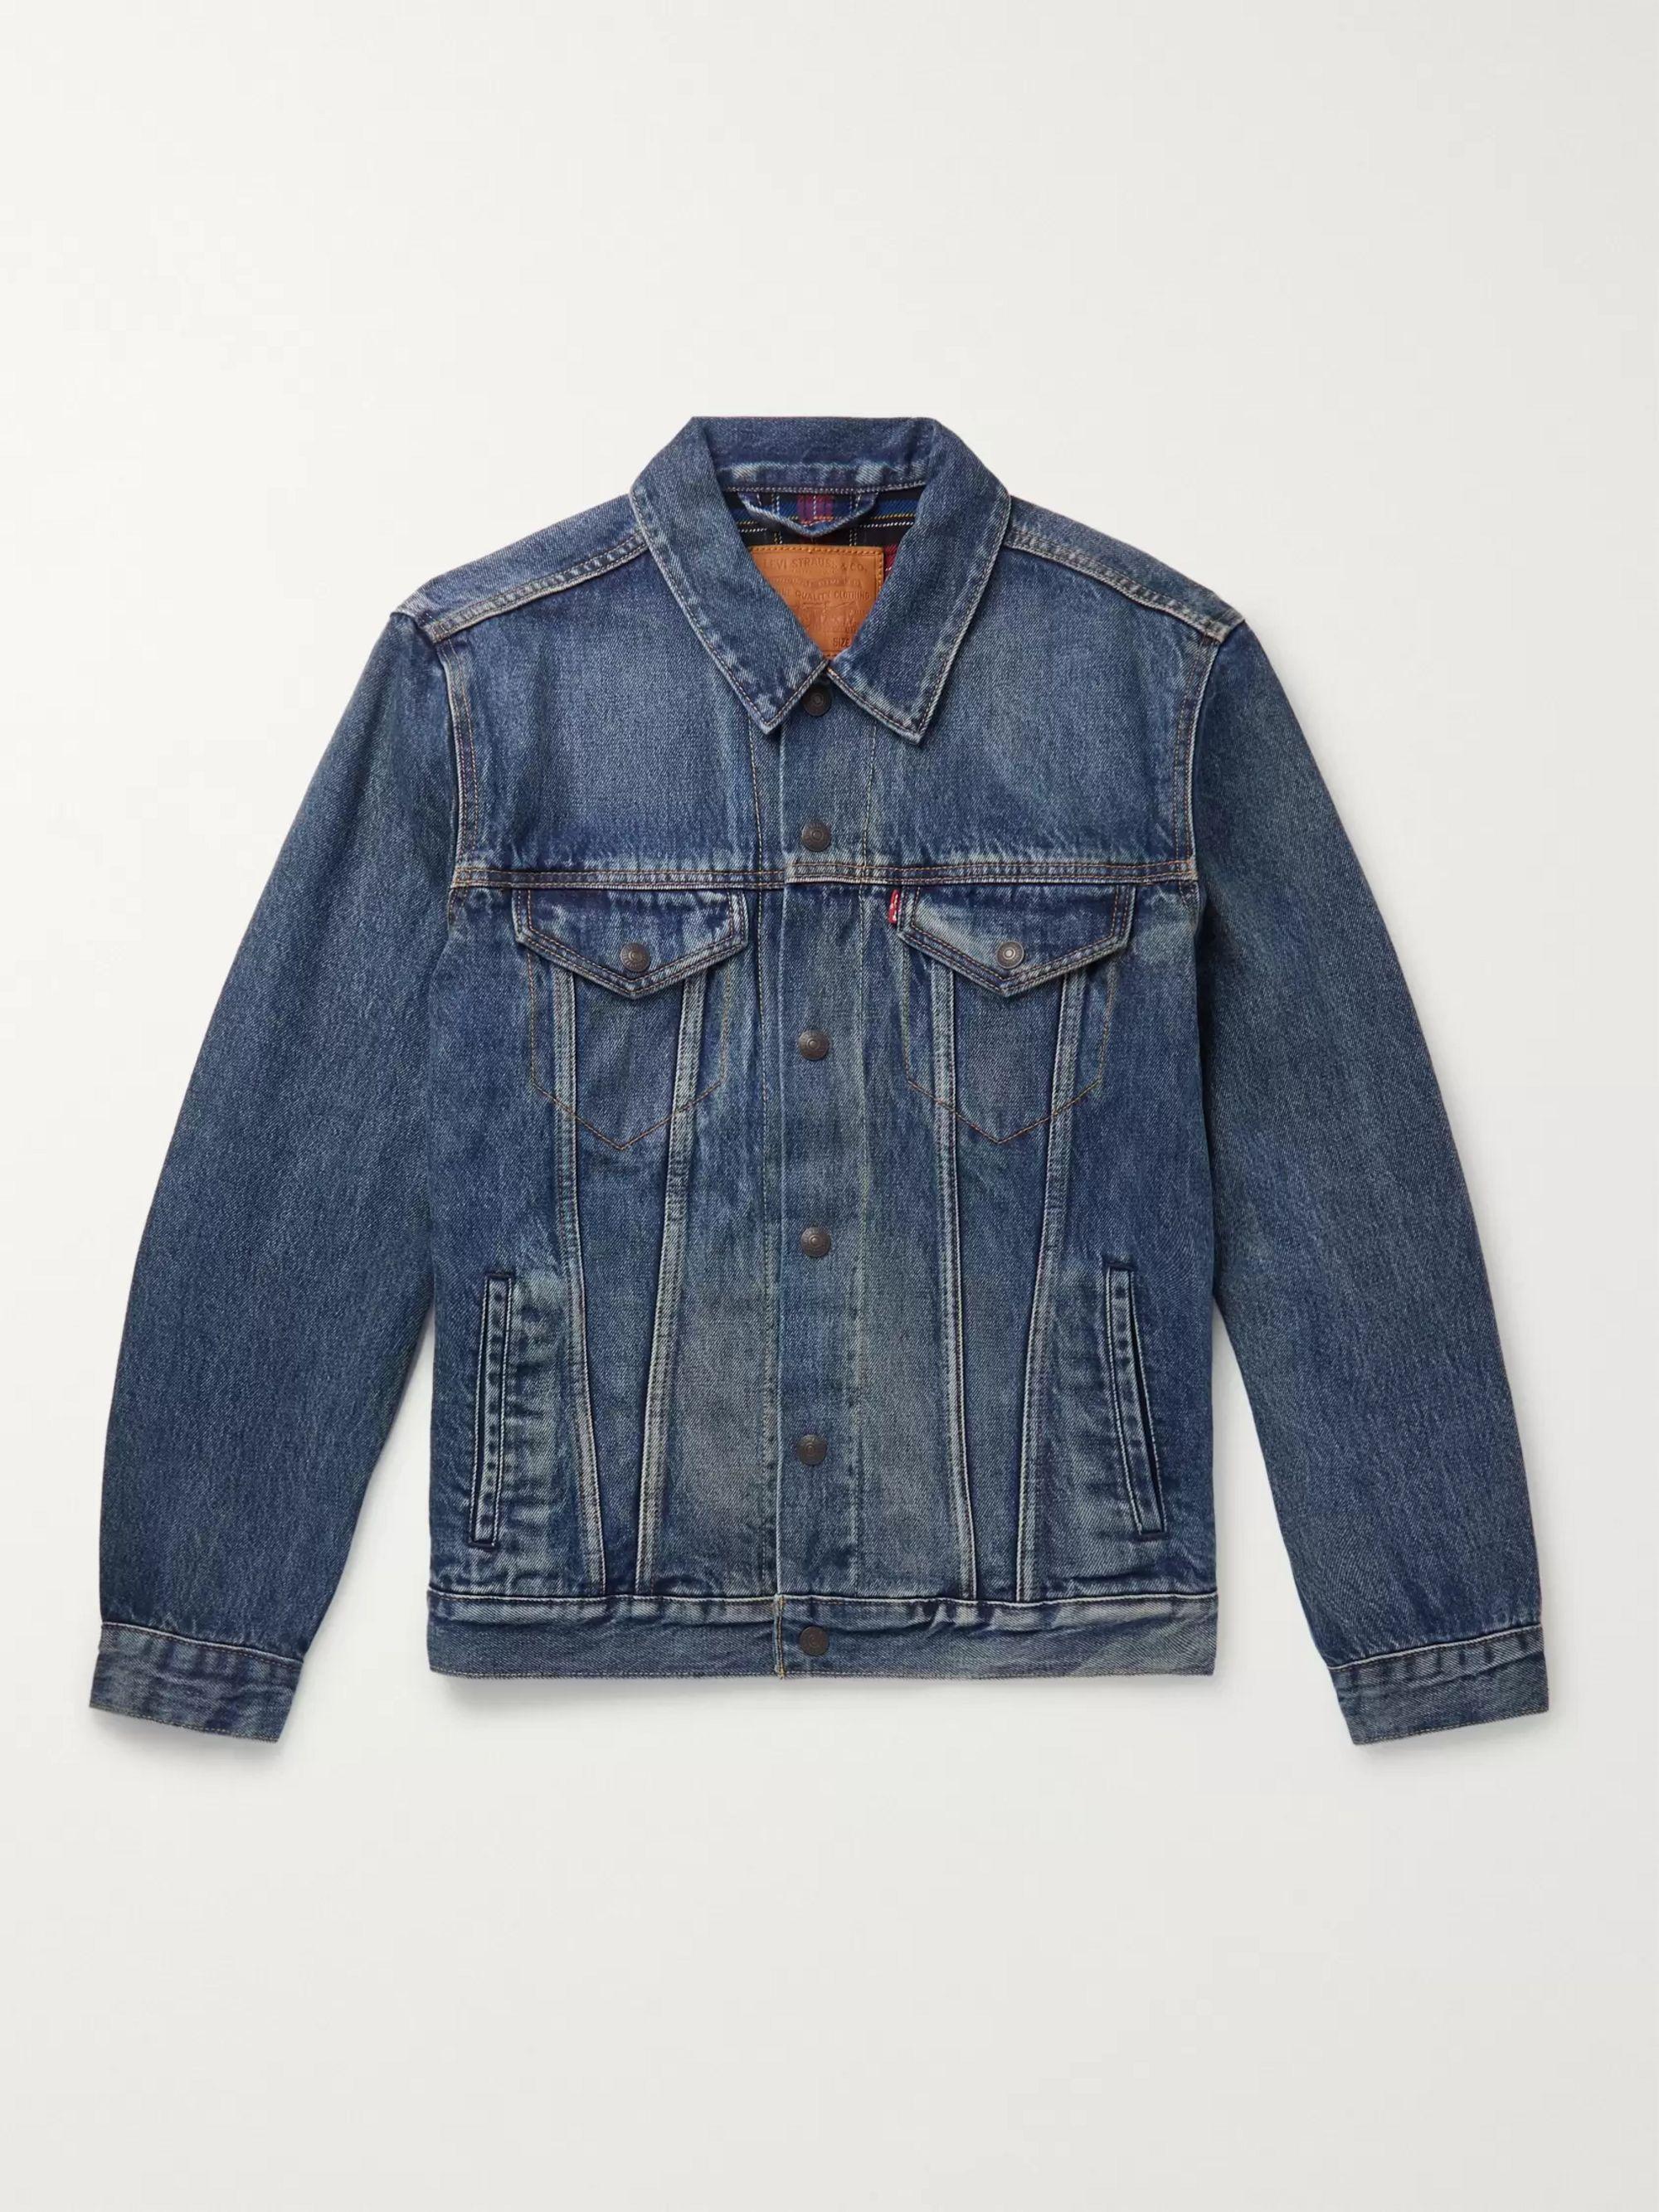 Flannel Lined Denim Trucker Jacket